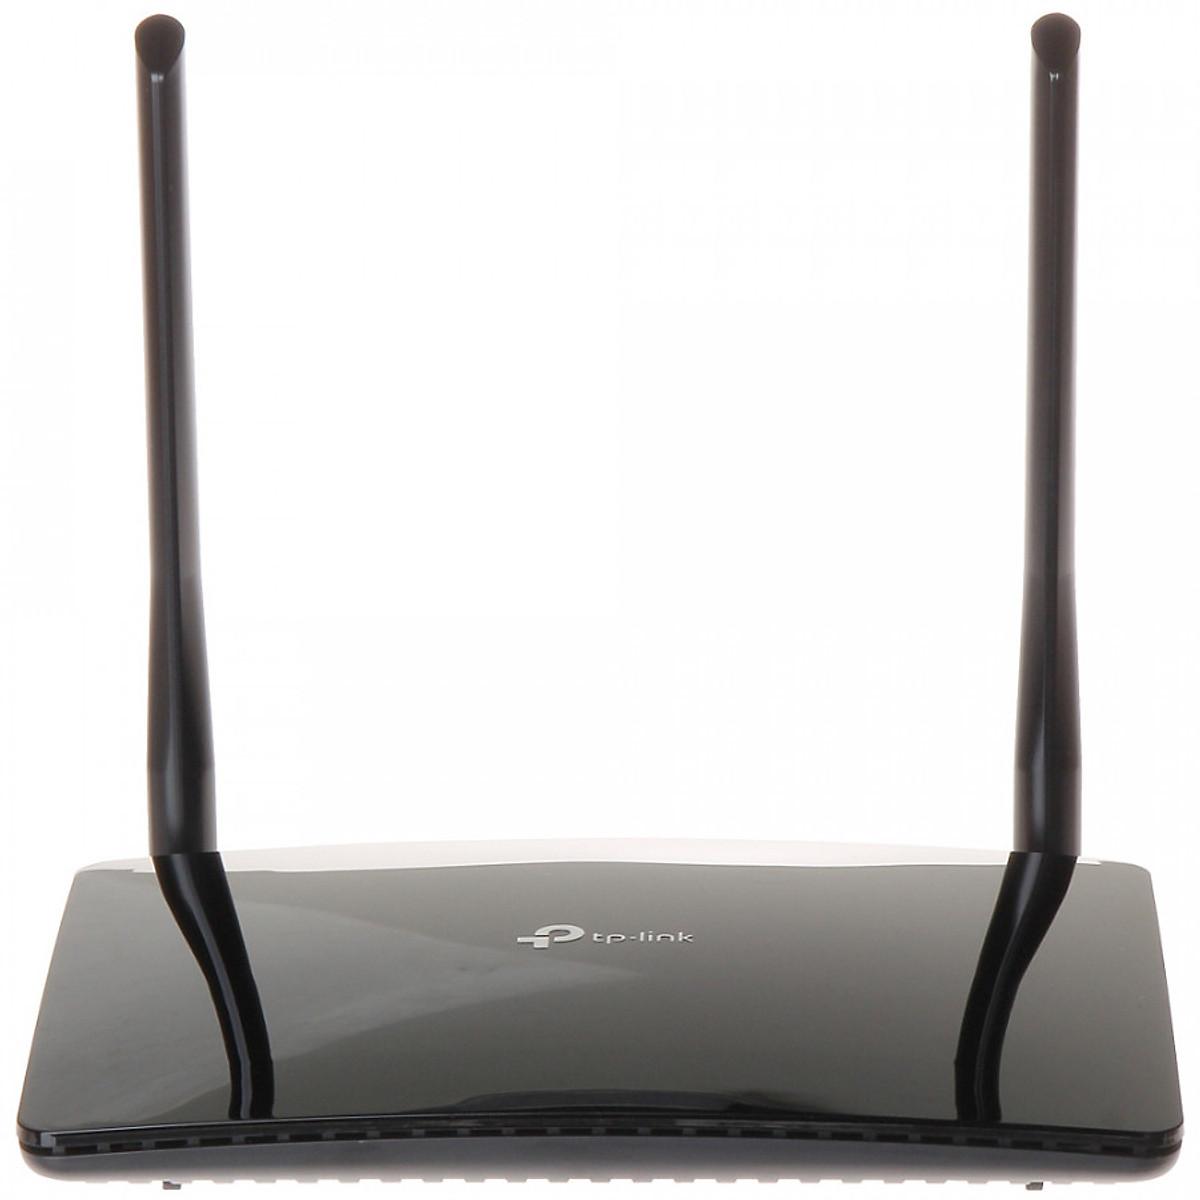 Bộ Phát Wifi Router 4G LTE 300Mbps TP-Link TL-MR6400 – Hàng Chính Hãng